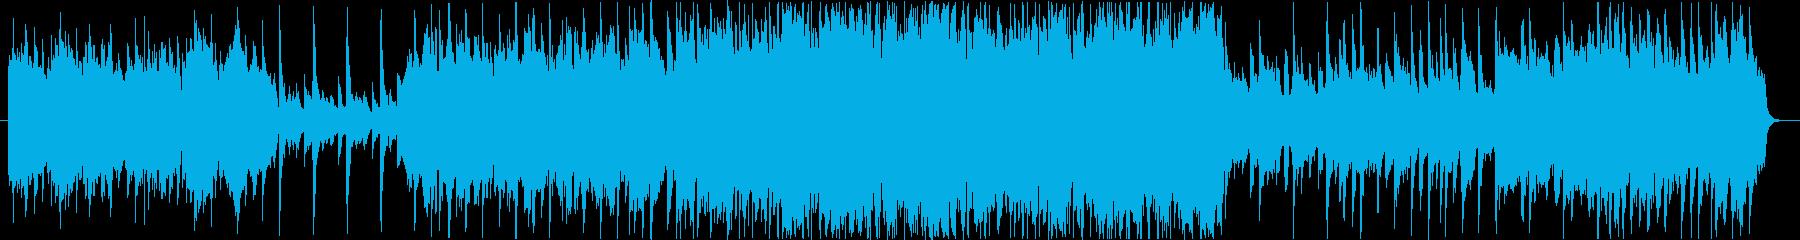 やさしげであたたかい雰囲気のBGMの再生済みの波形